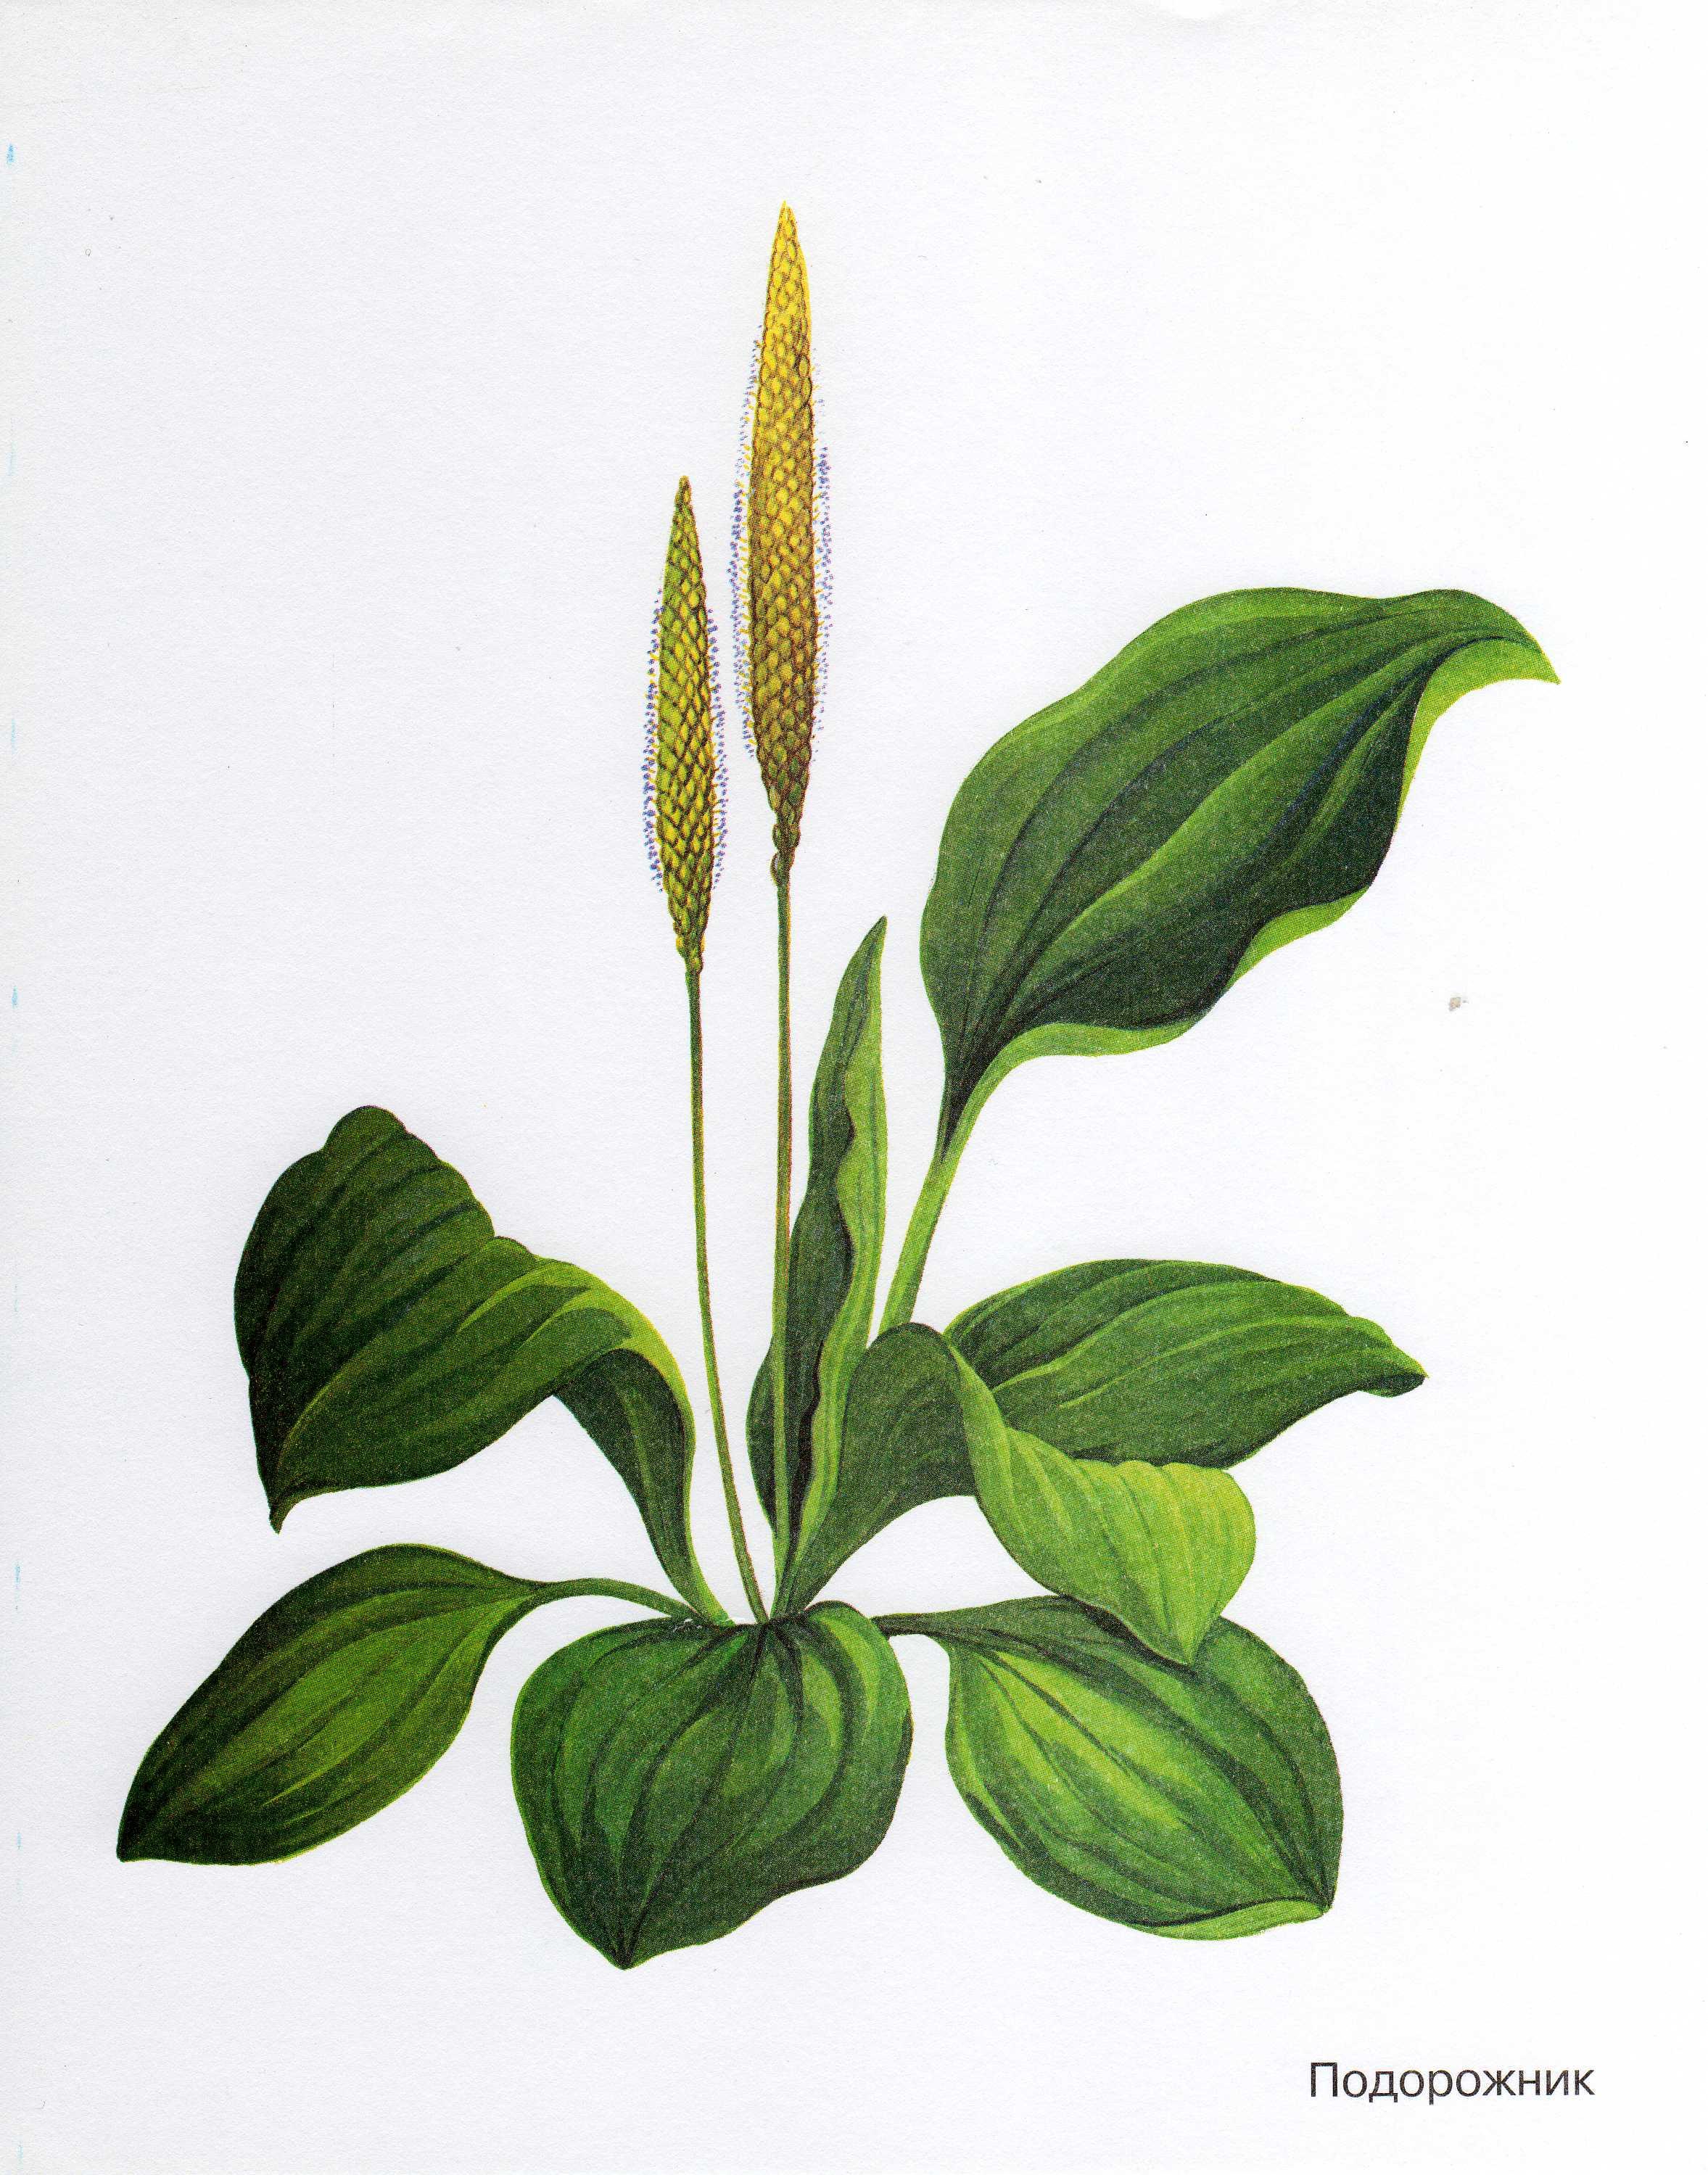 Біологія gt gt рослини gt gt трави